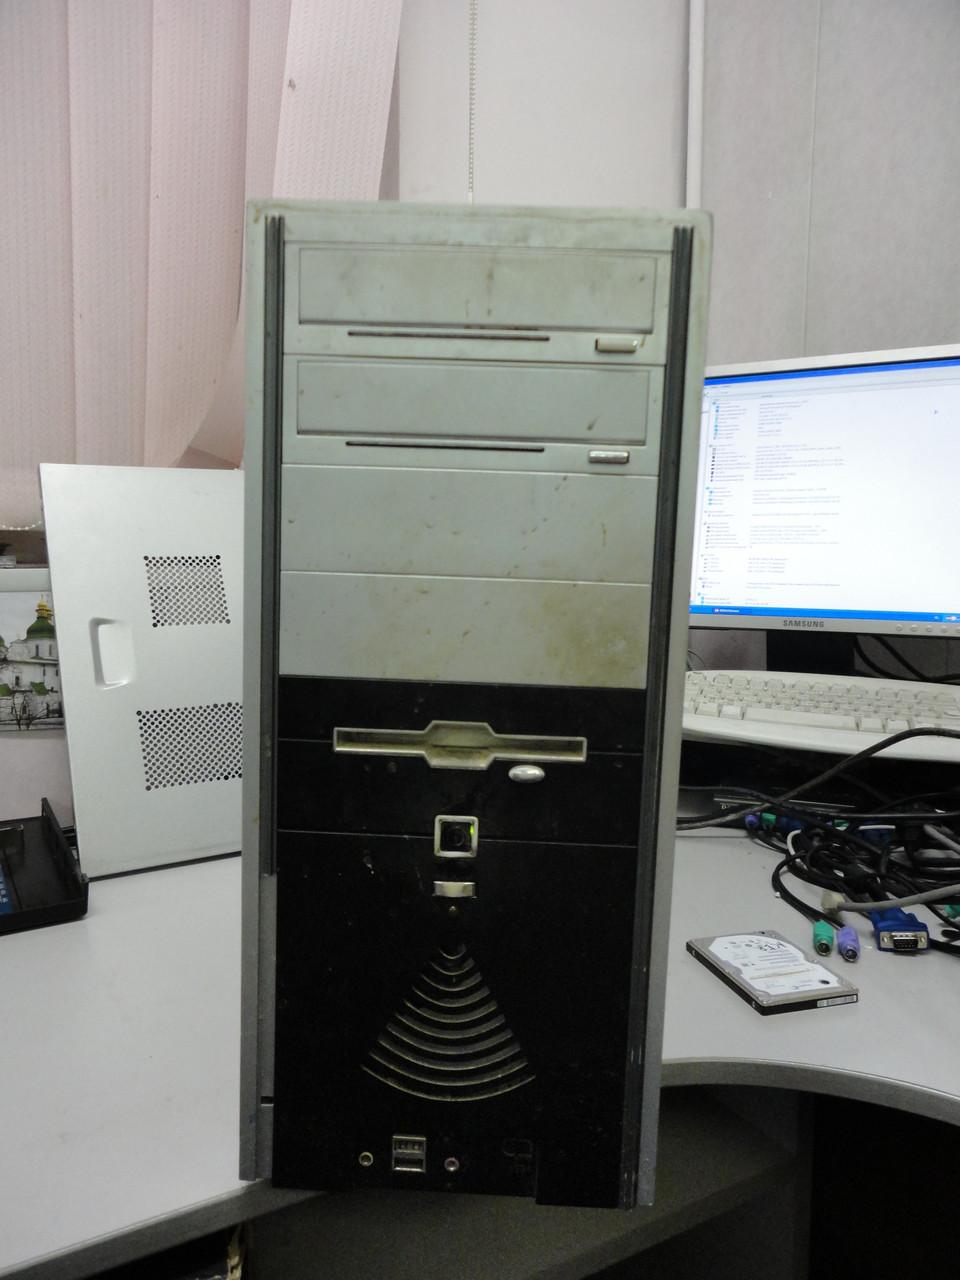 Настольный компьютер Asus P5GV-MX/Intel Celeron D 346 3GHz/160Gb/512Mb